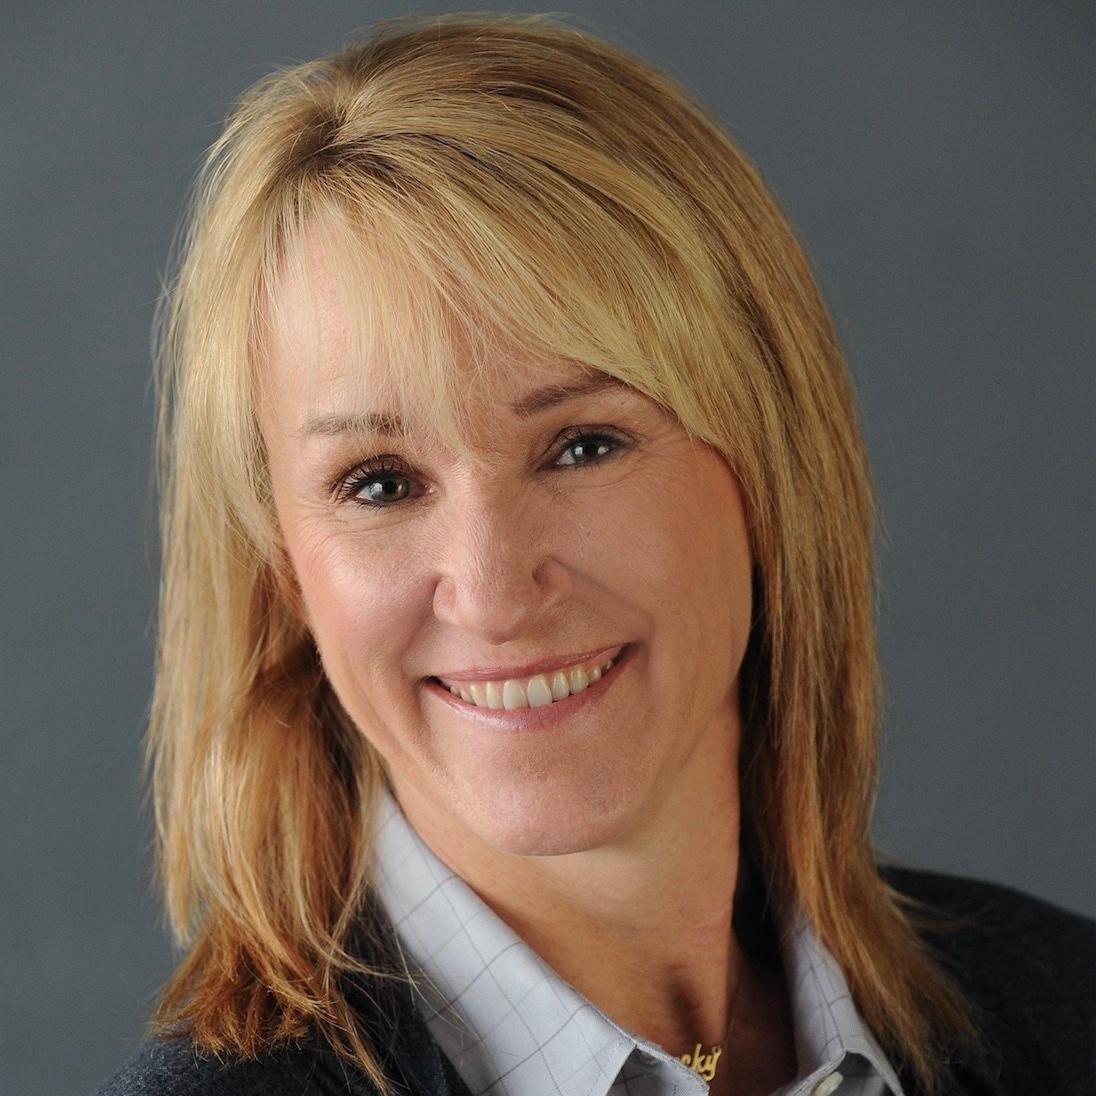 Julie Veldhuis